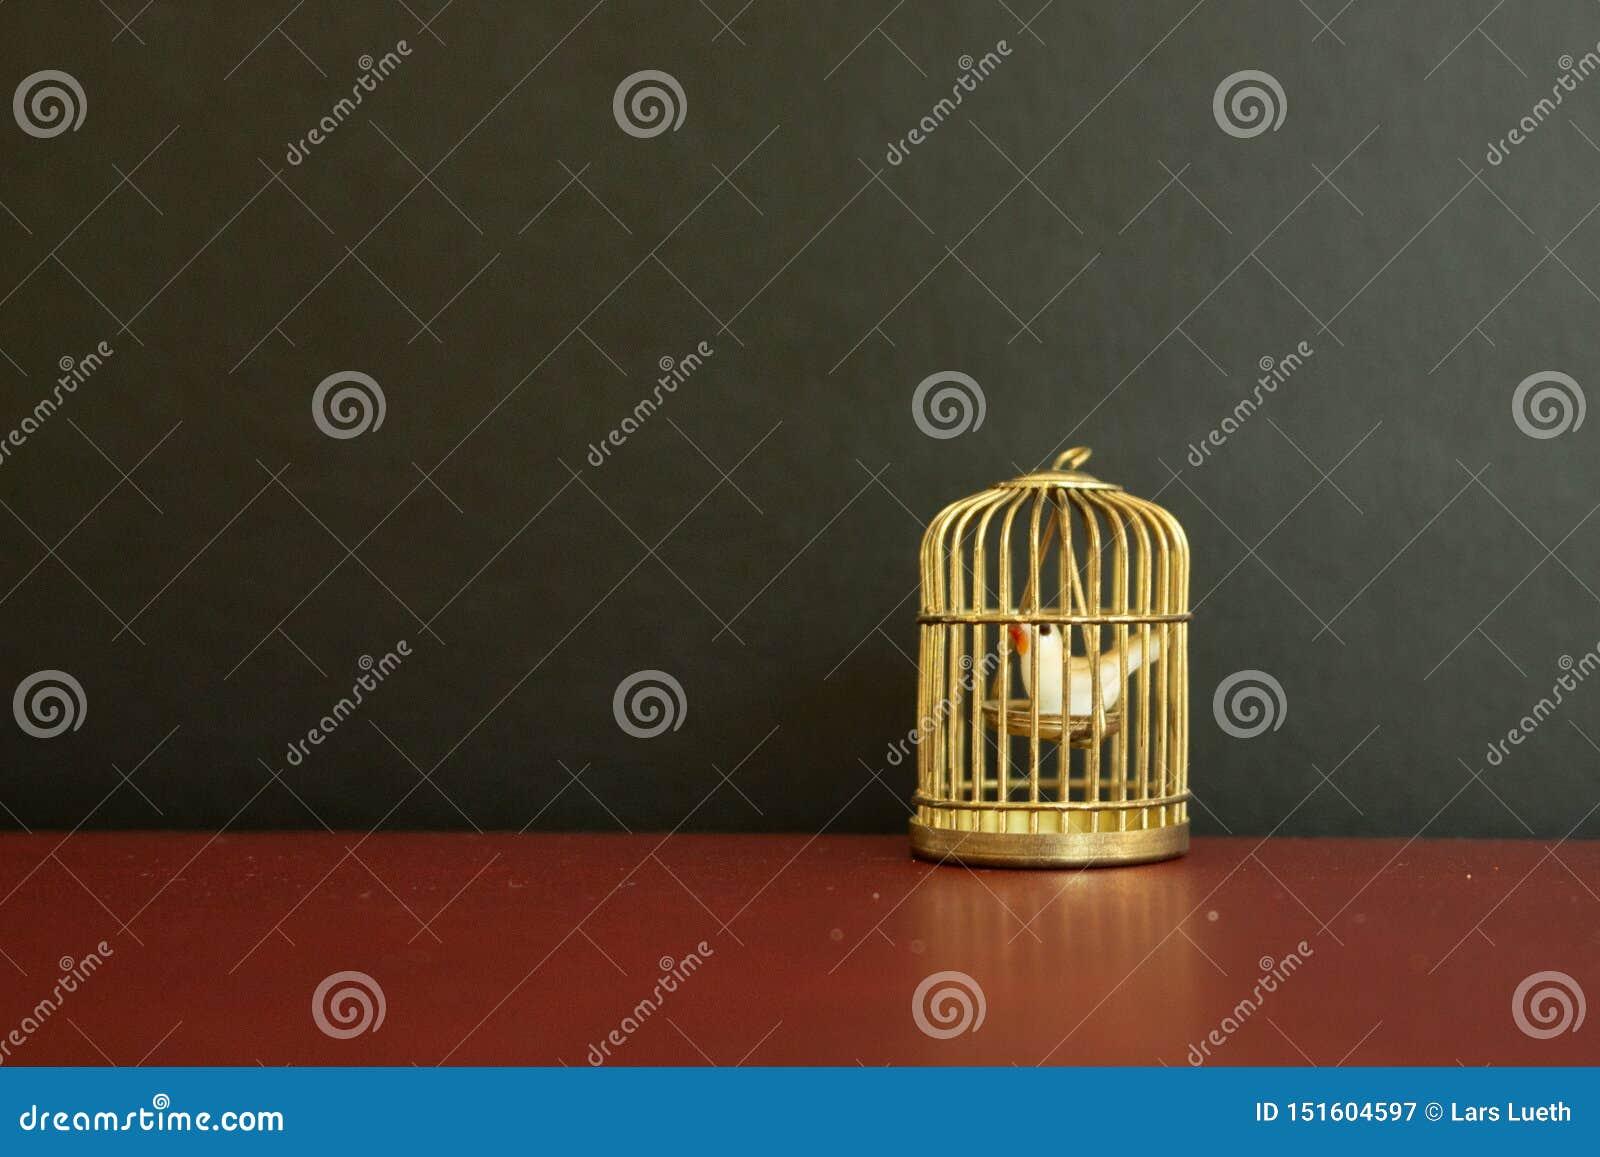 Μικροσκοπικό χρυσό birdcage με λίγο άσπρο περιστέρι μέσα στο μαύρο υπόβαθρο